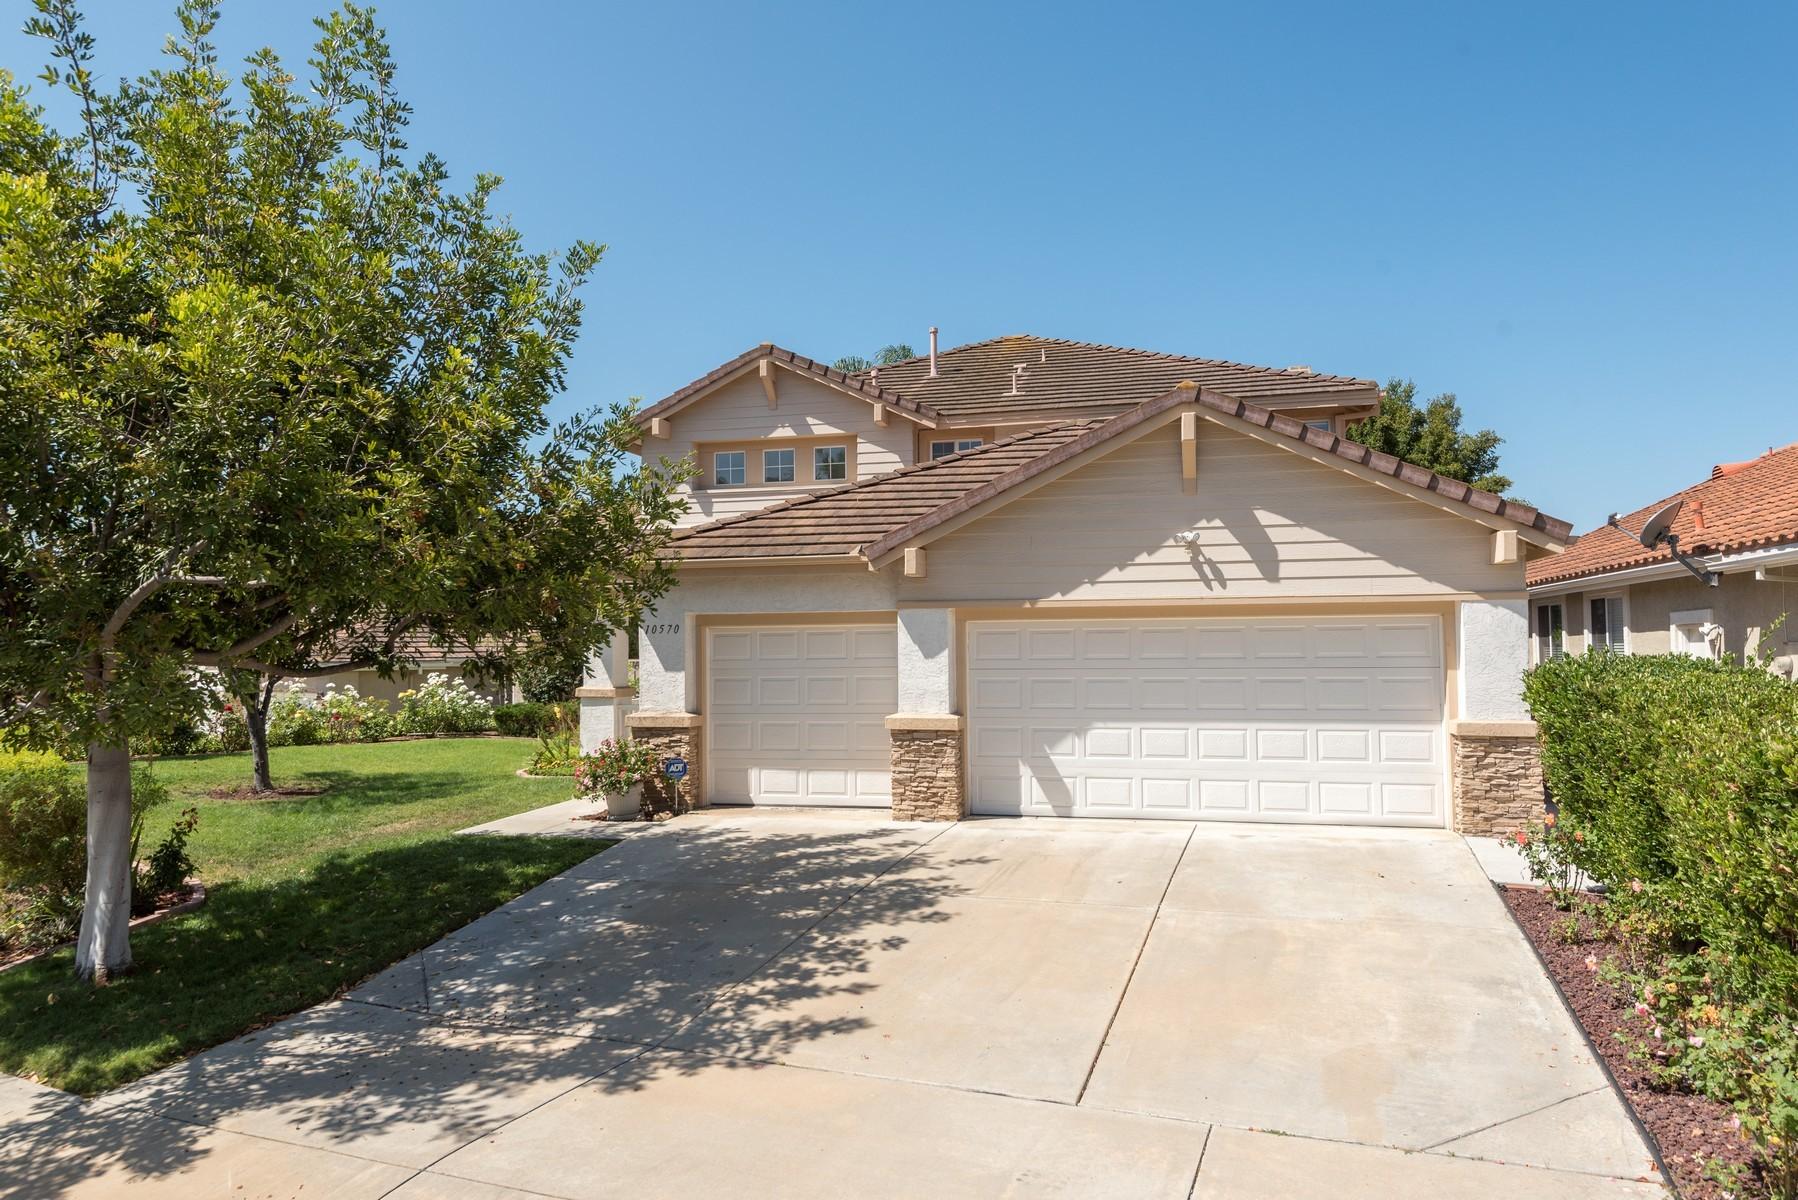 獨棟家庭住宅 為 出售 在 10570 Moorland Heights Way San Diego, 加利福尼亞州, 92121 美國